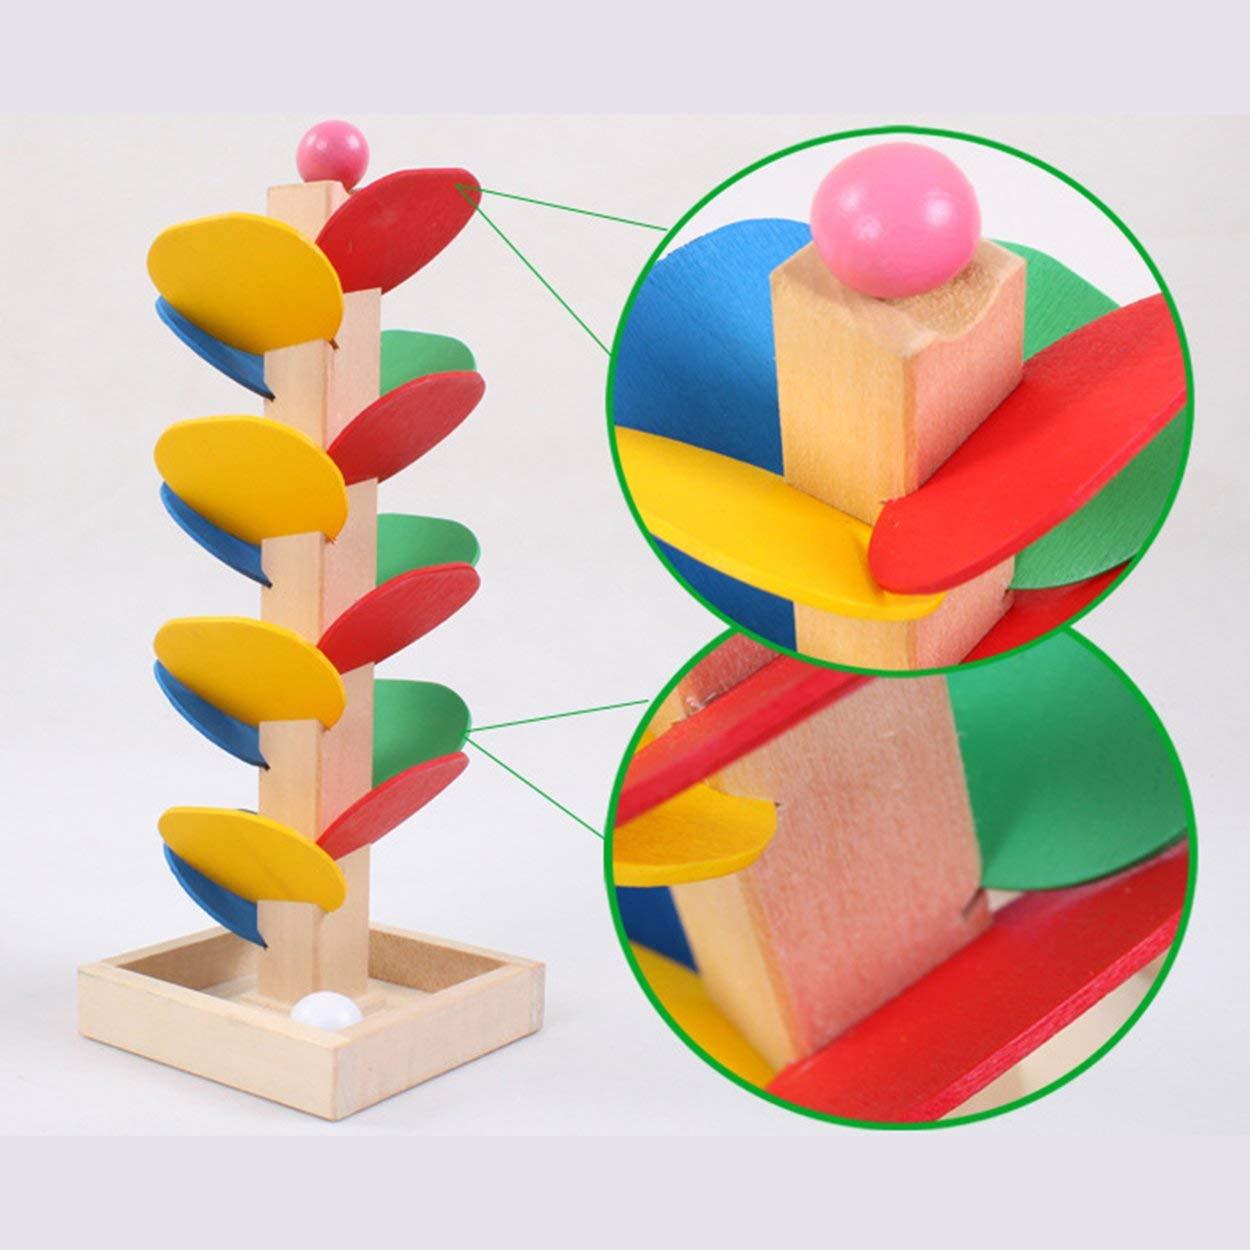 Lorenlli Montessori Jouet /Éducatif Arbre en Bois Marbre Balle Piste Piste Jeux B/éb/é Enfants Intelligence Jouet /Éducatif